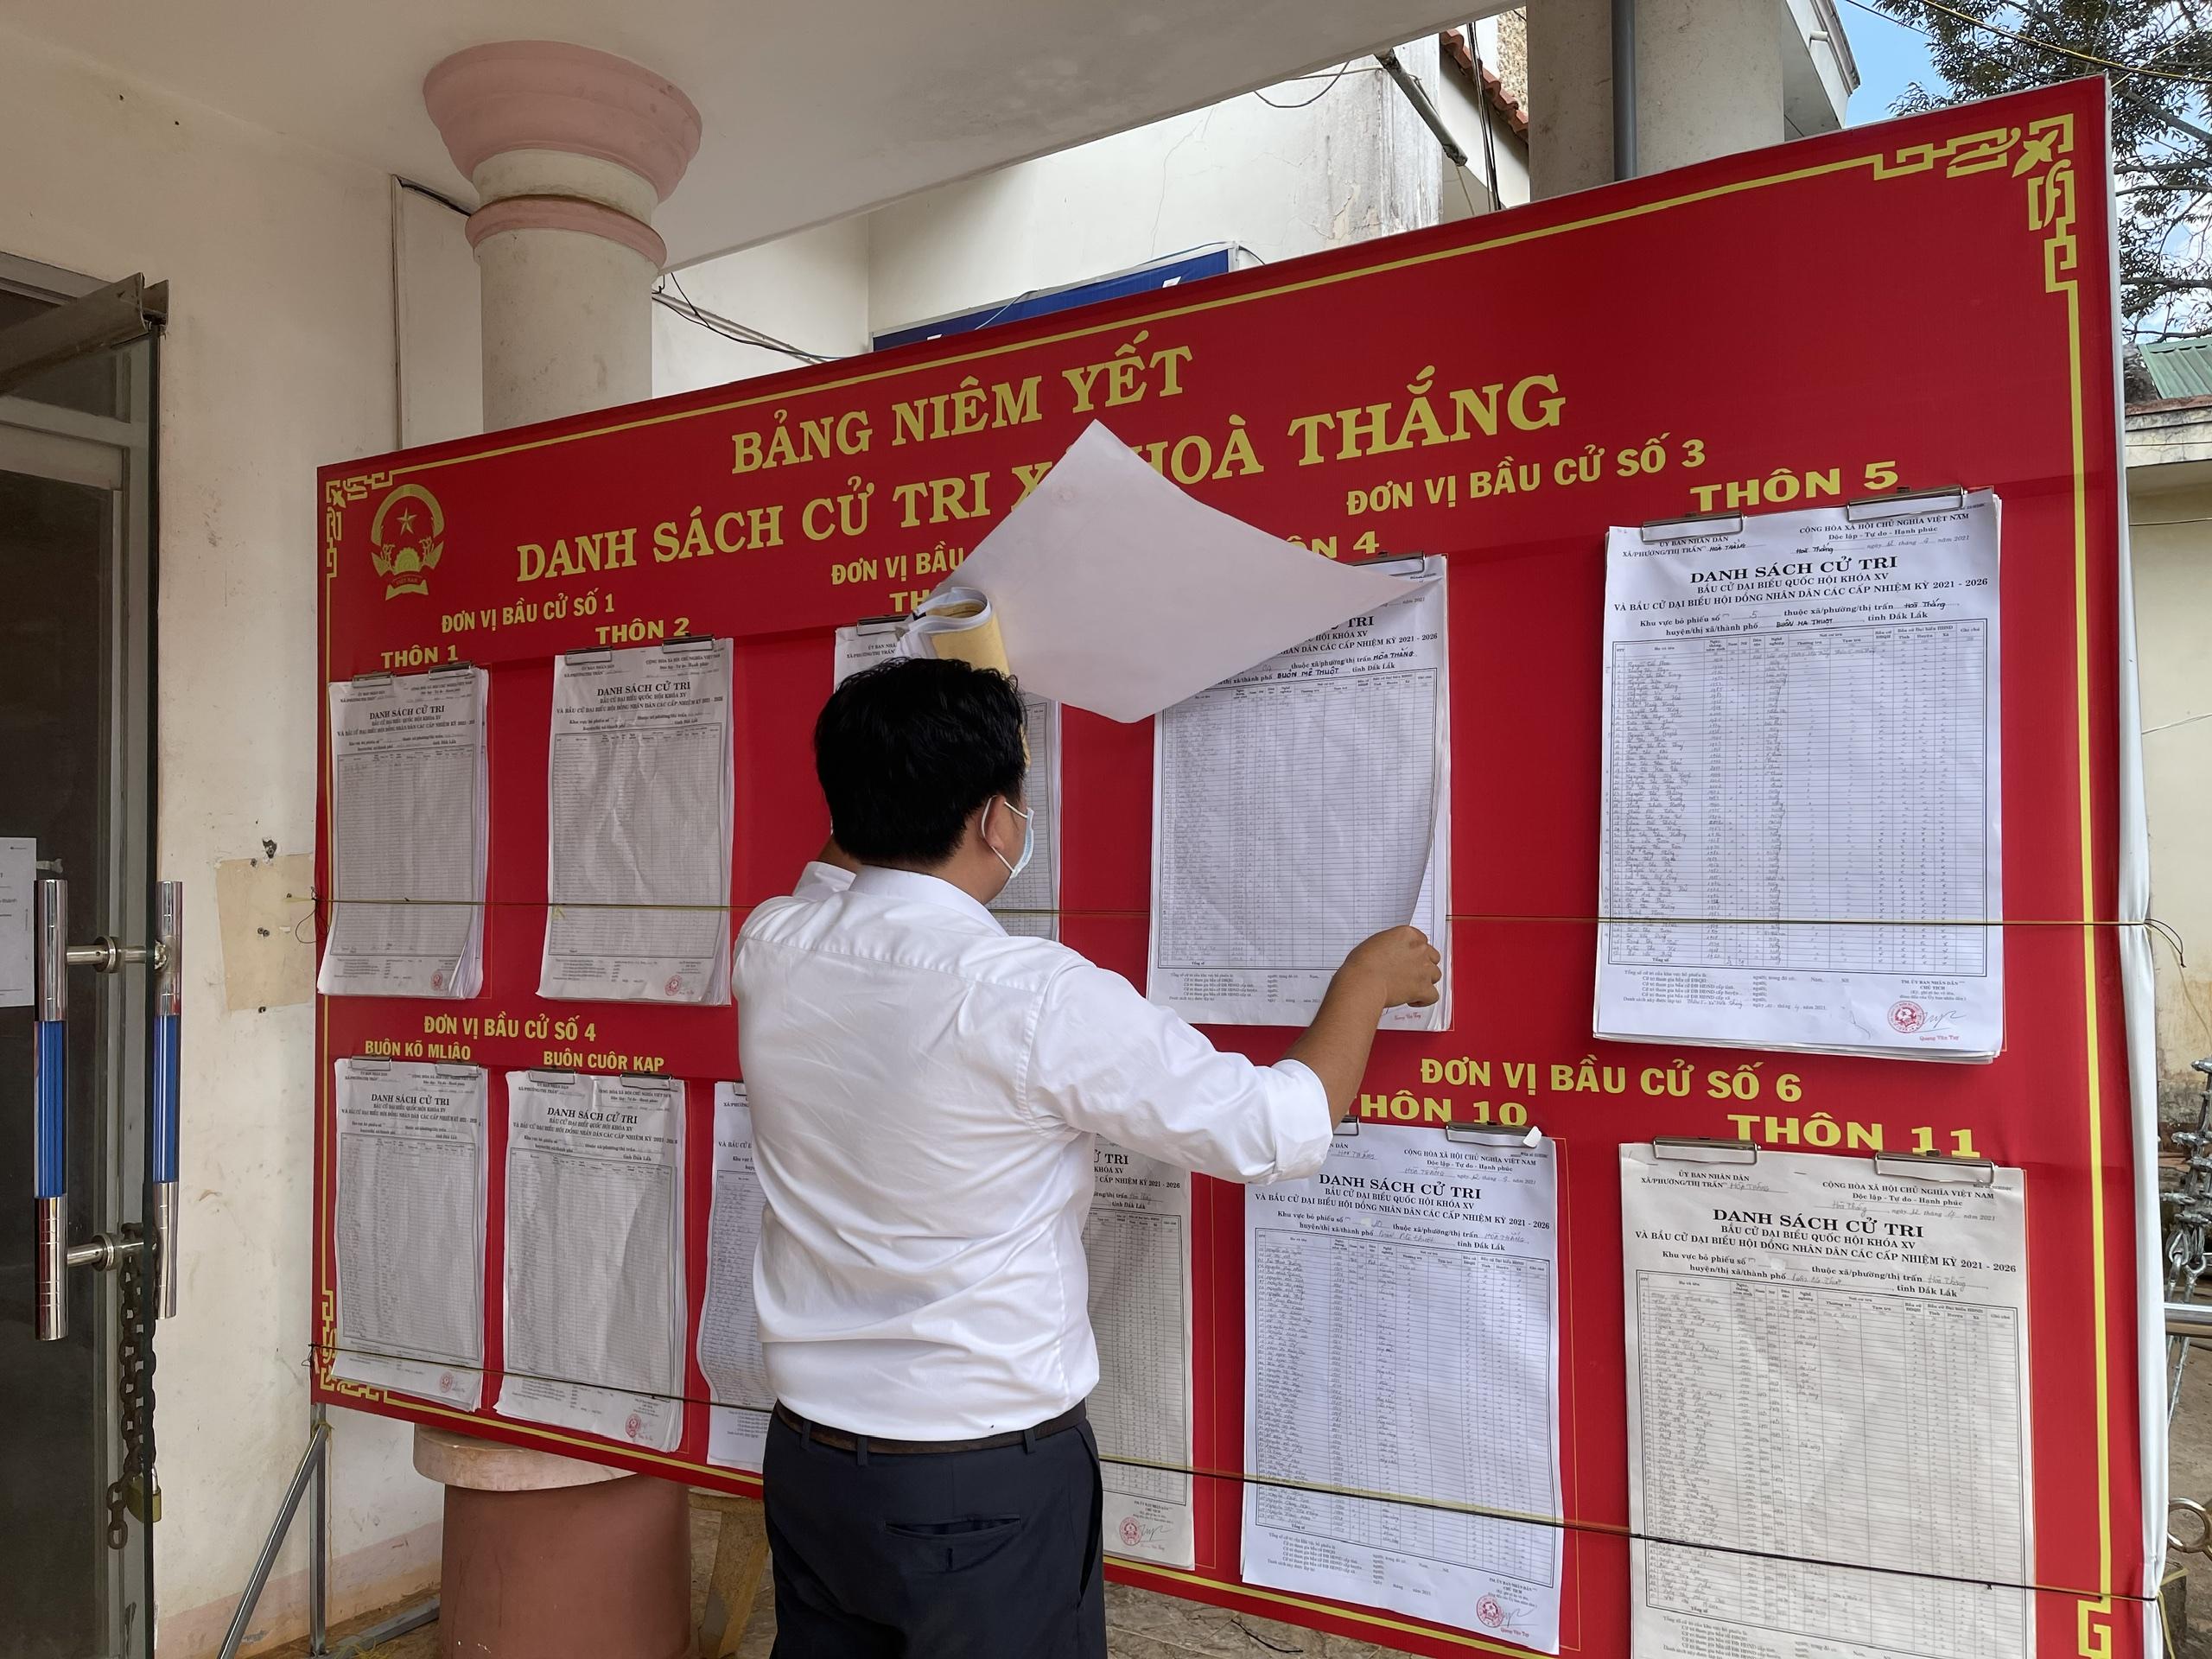 Đắk Lắk: Công tác chuẩn bị bầu cử ở thành phố lớn nhất Tây Nguyên  - Ảnh 5.